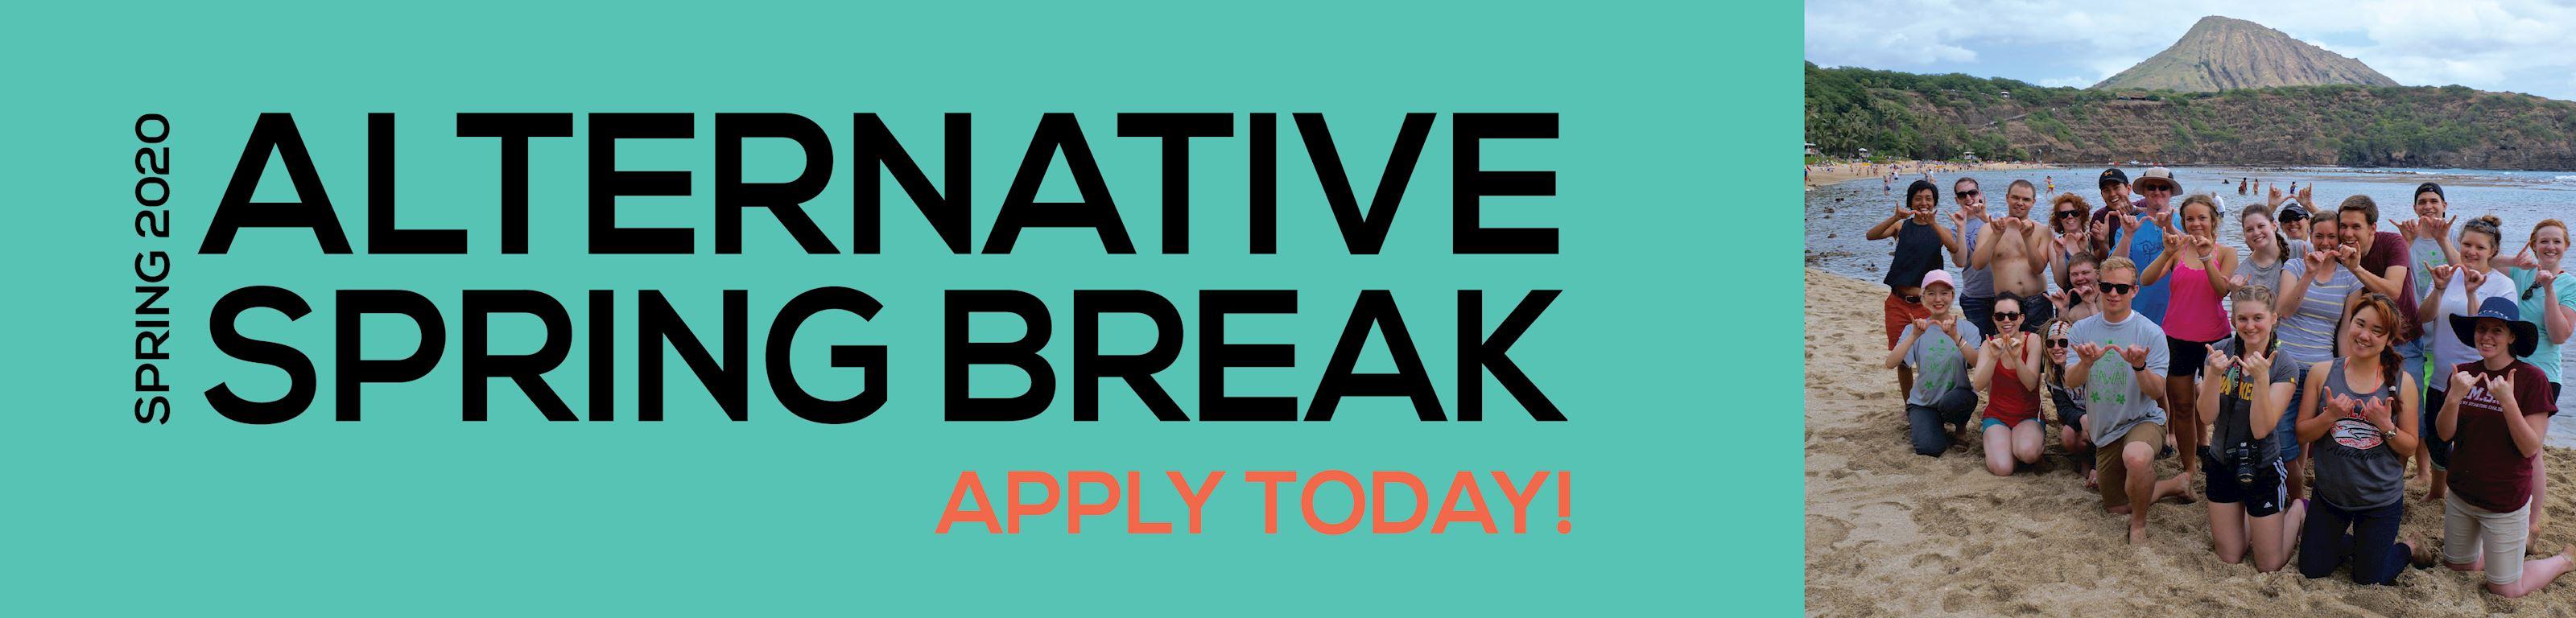 Alternative Spring Breaks Apply Today!